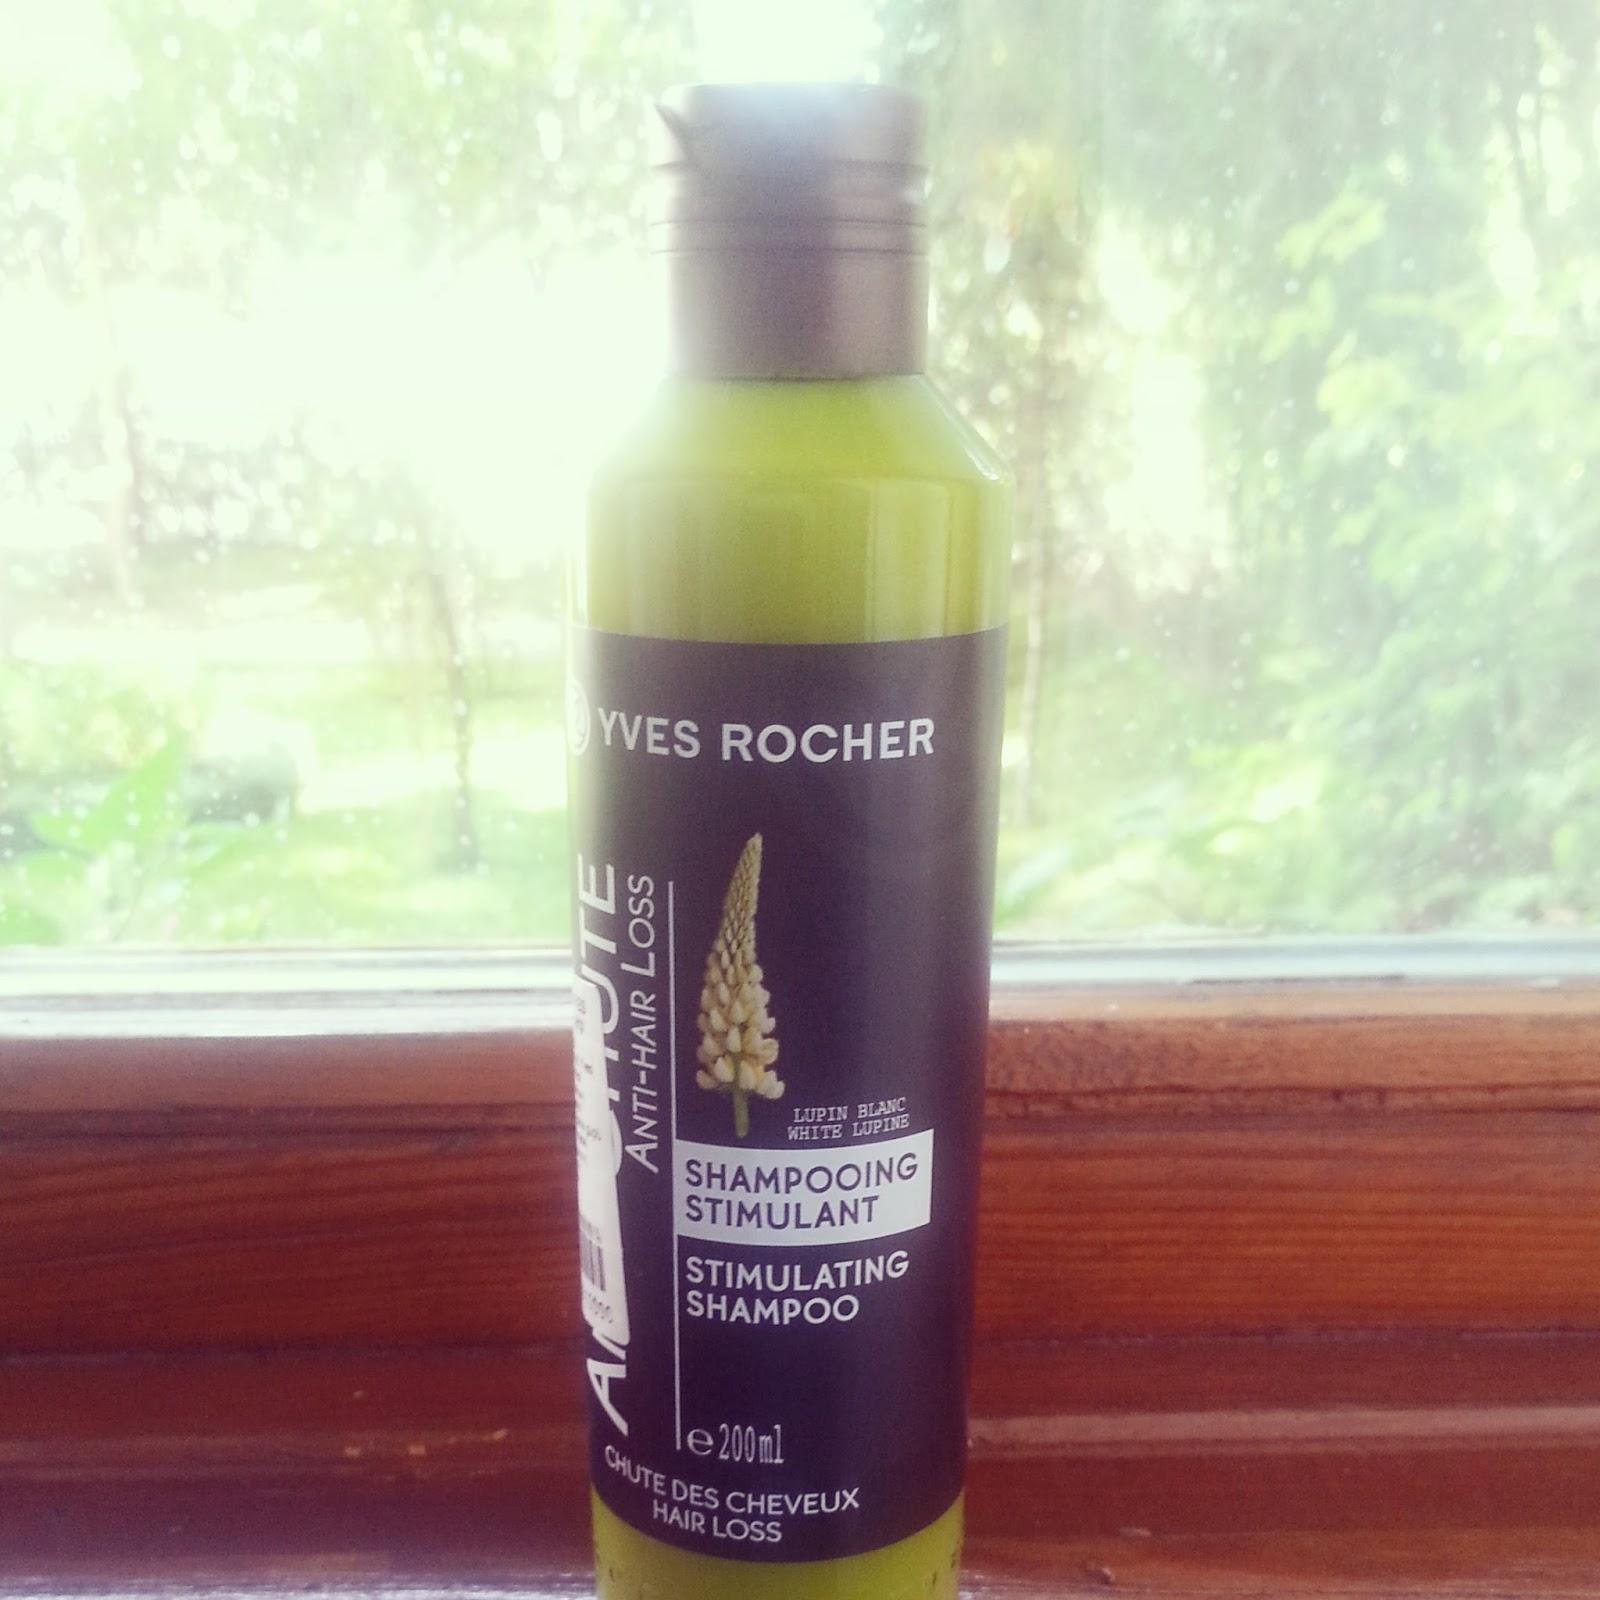 instagram yves rocher şampuan shampoo saç dökülmesi güzellik blogu beauty blog hair